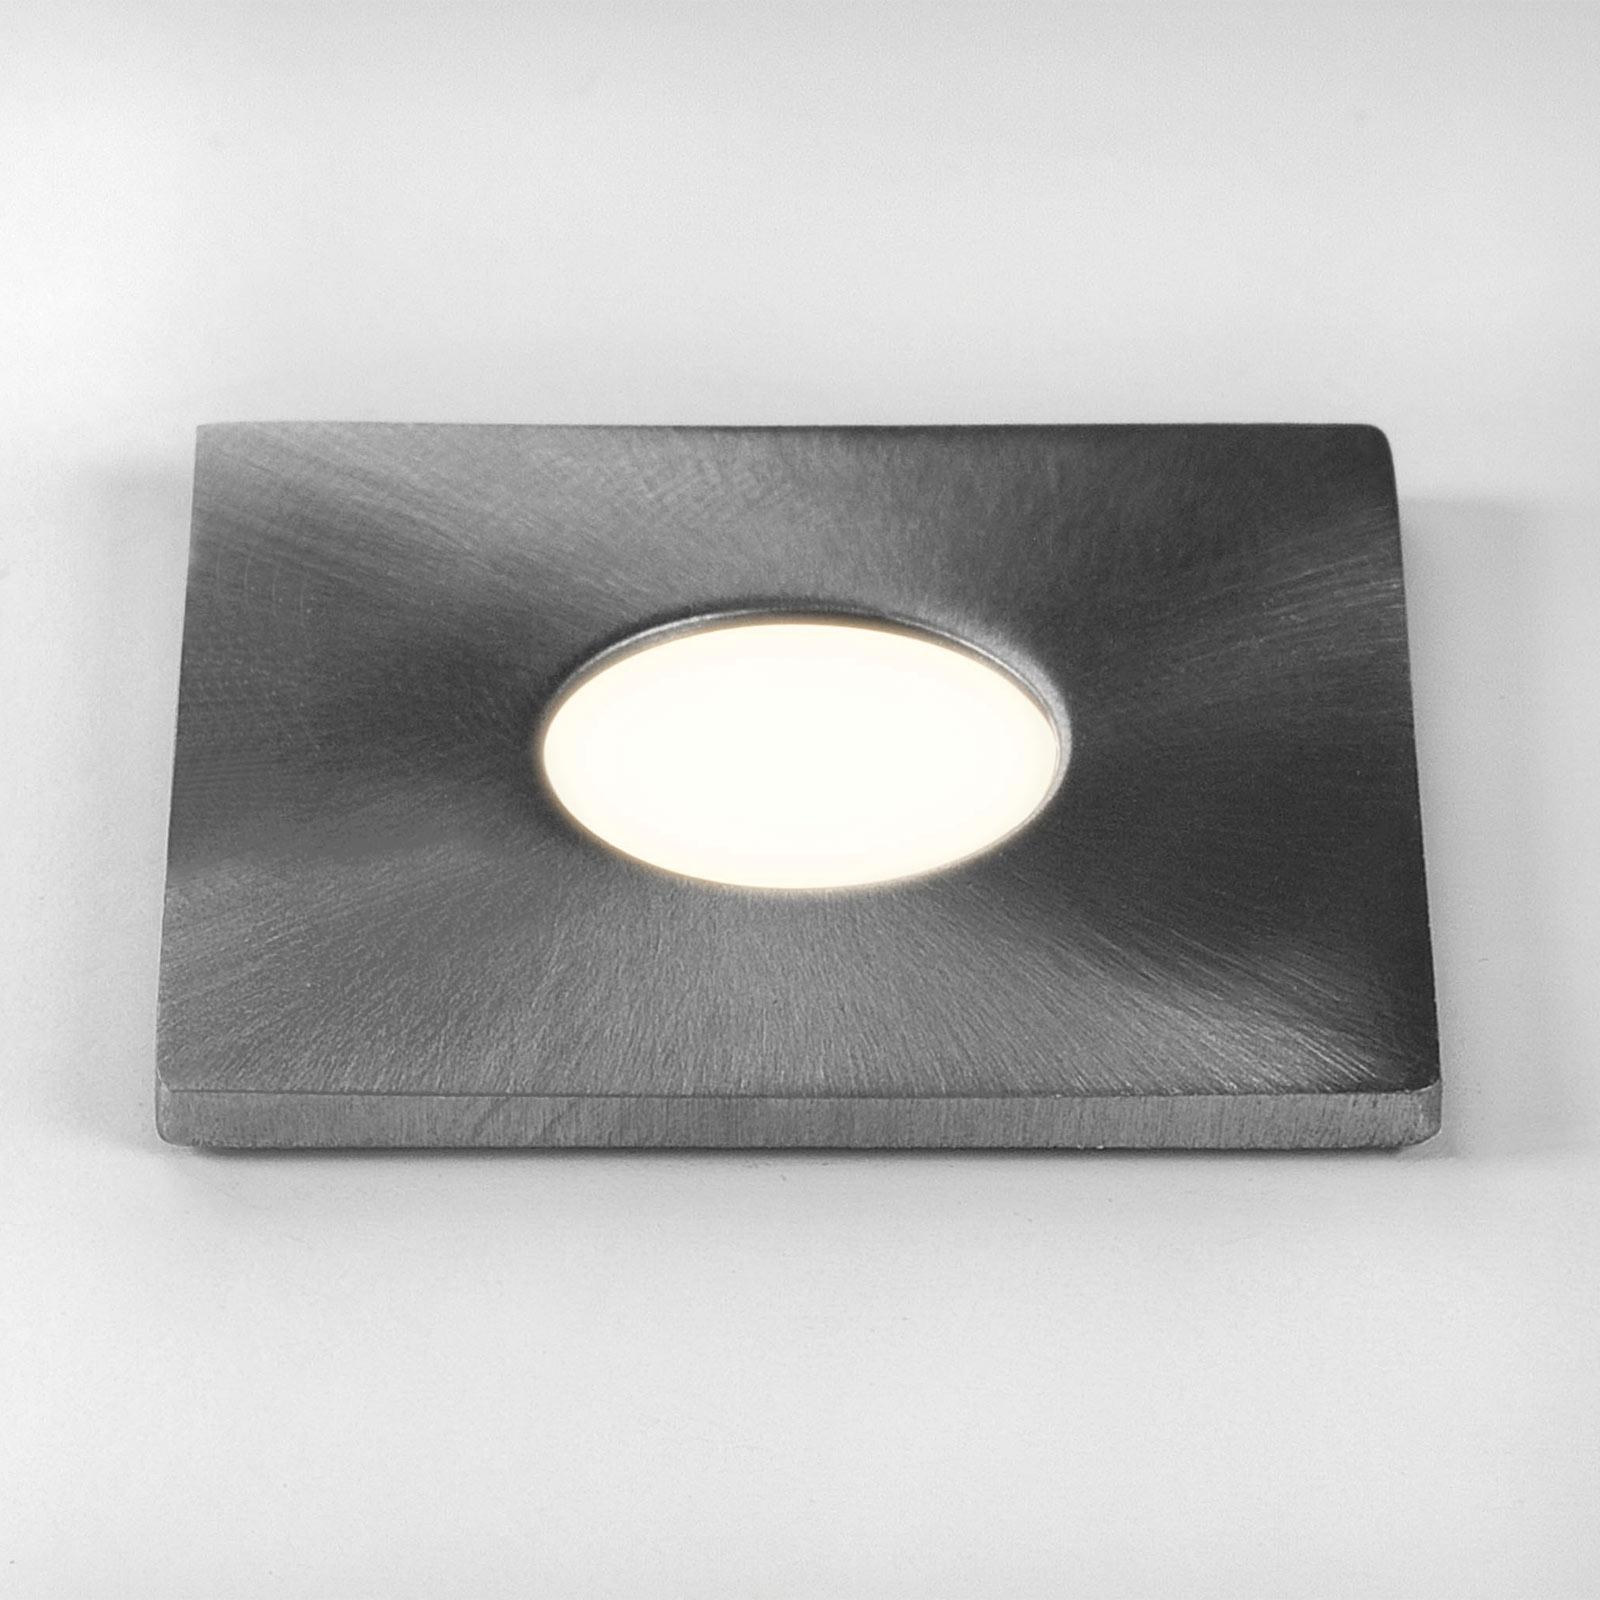 Astro Terra 28 Square oprawa wpuszczana LED, IP65